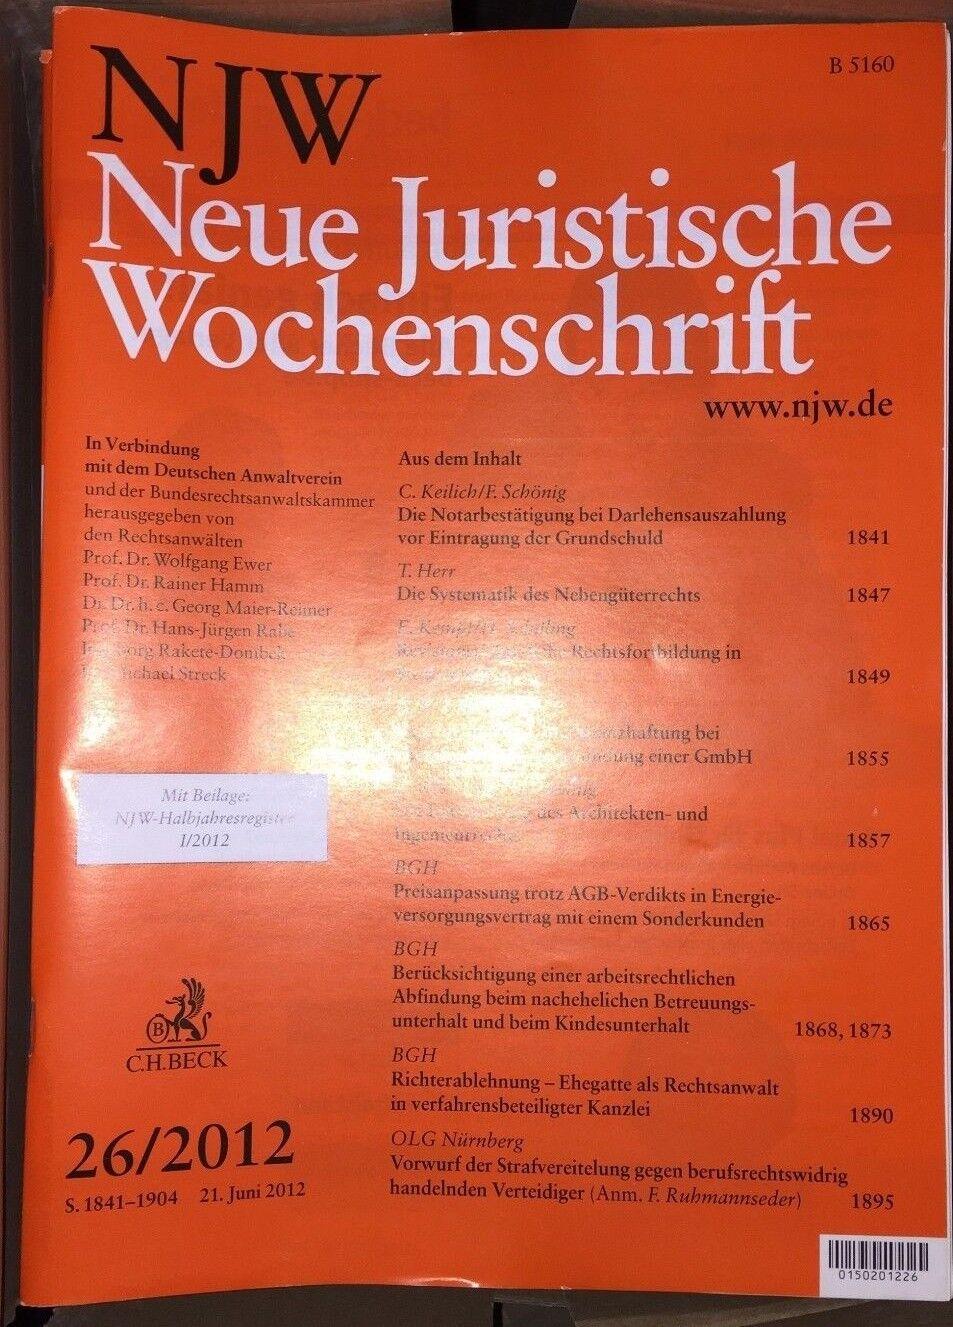 NJW Neue Juristische Wochenschrift Zeitschrift 2012 Halbjahr II +  Einbanddecke